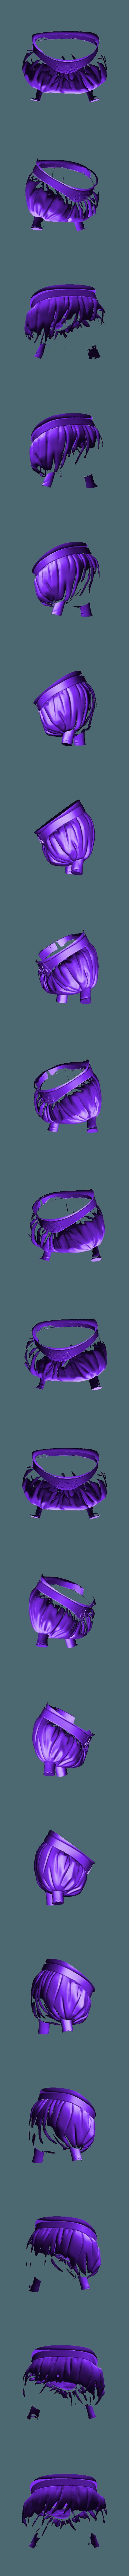 MajinBuu_02.stl Télécharger fichier STL gratuit Buu Dragon Ball Z • Objet pour impression 3D, Gatober